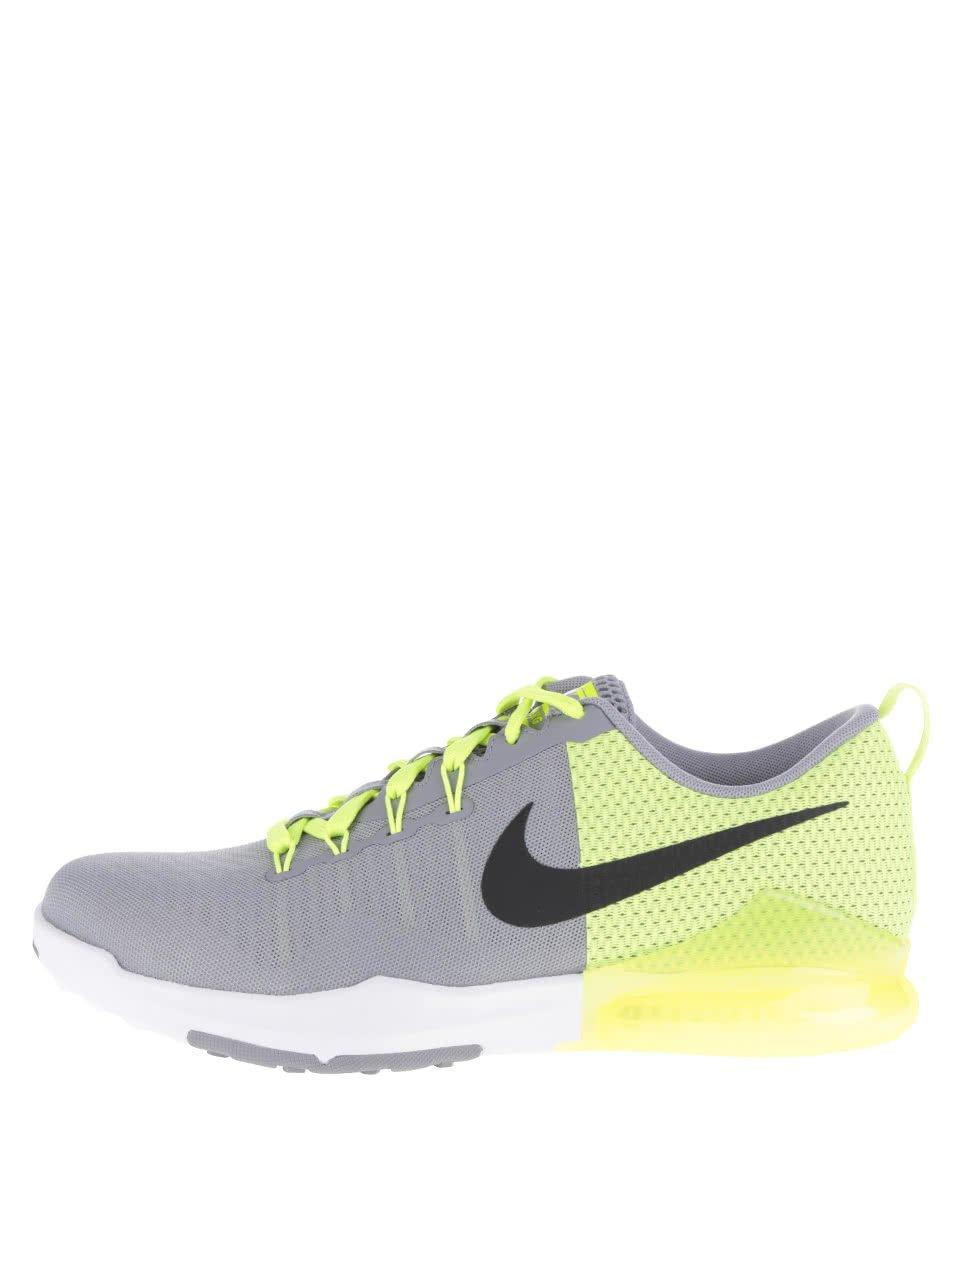 Zeleno-šedé perforované pánské tenisky Nike Train Action